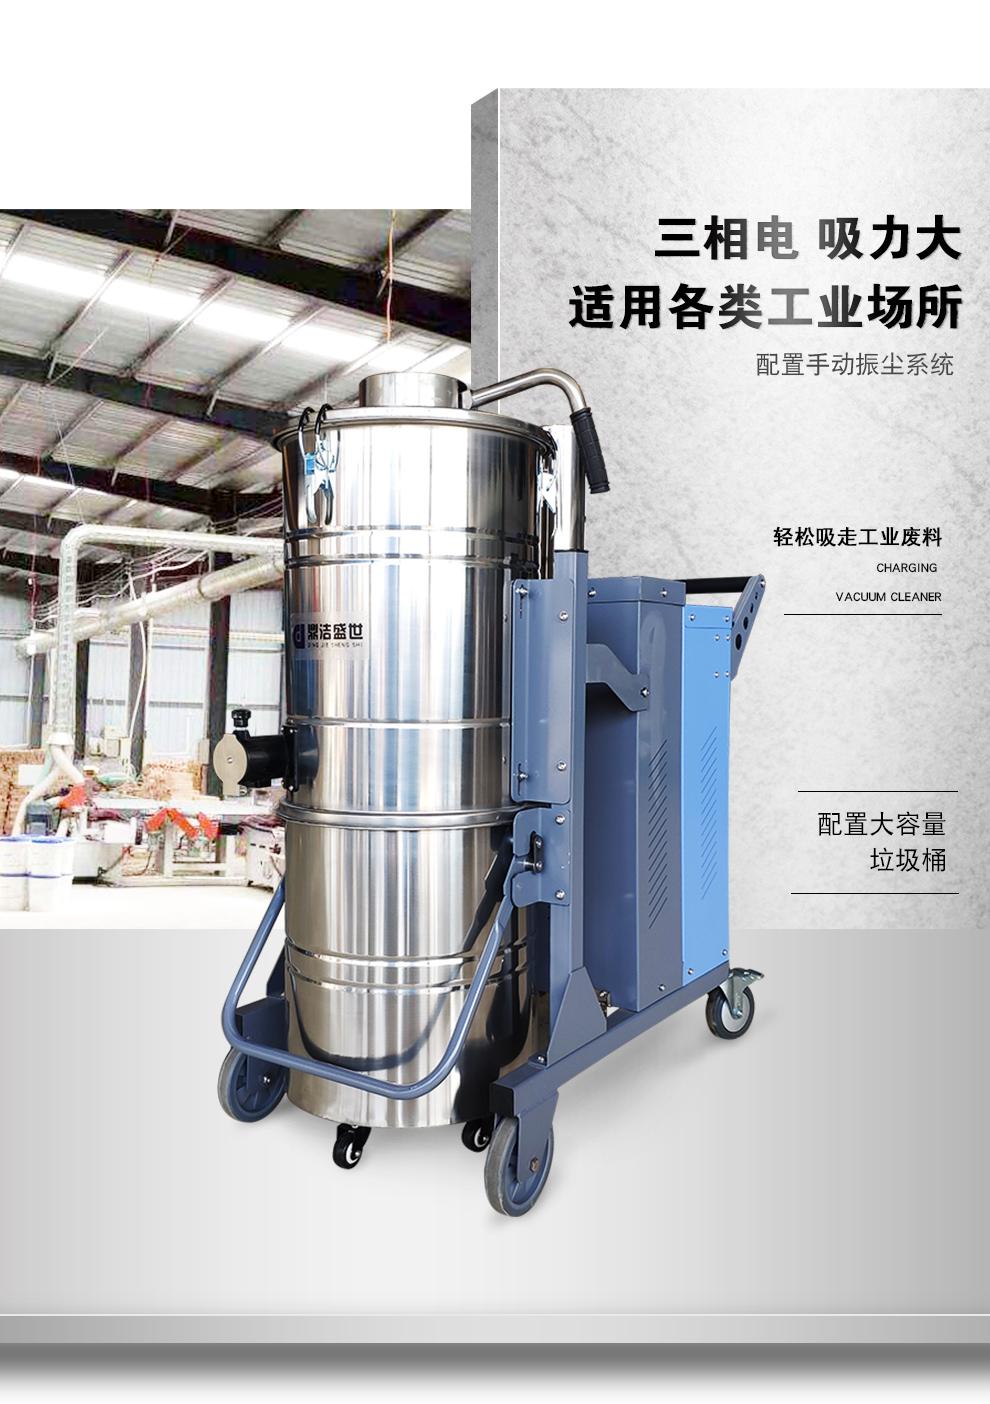 鼎洁盛世ST5510 大功率三相重型工业吸尘器详情_05